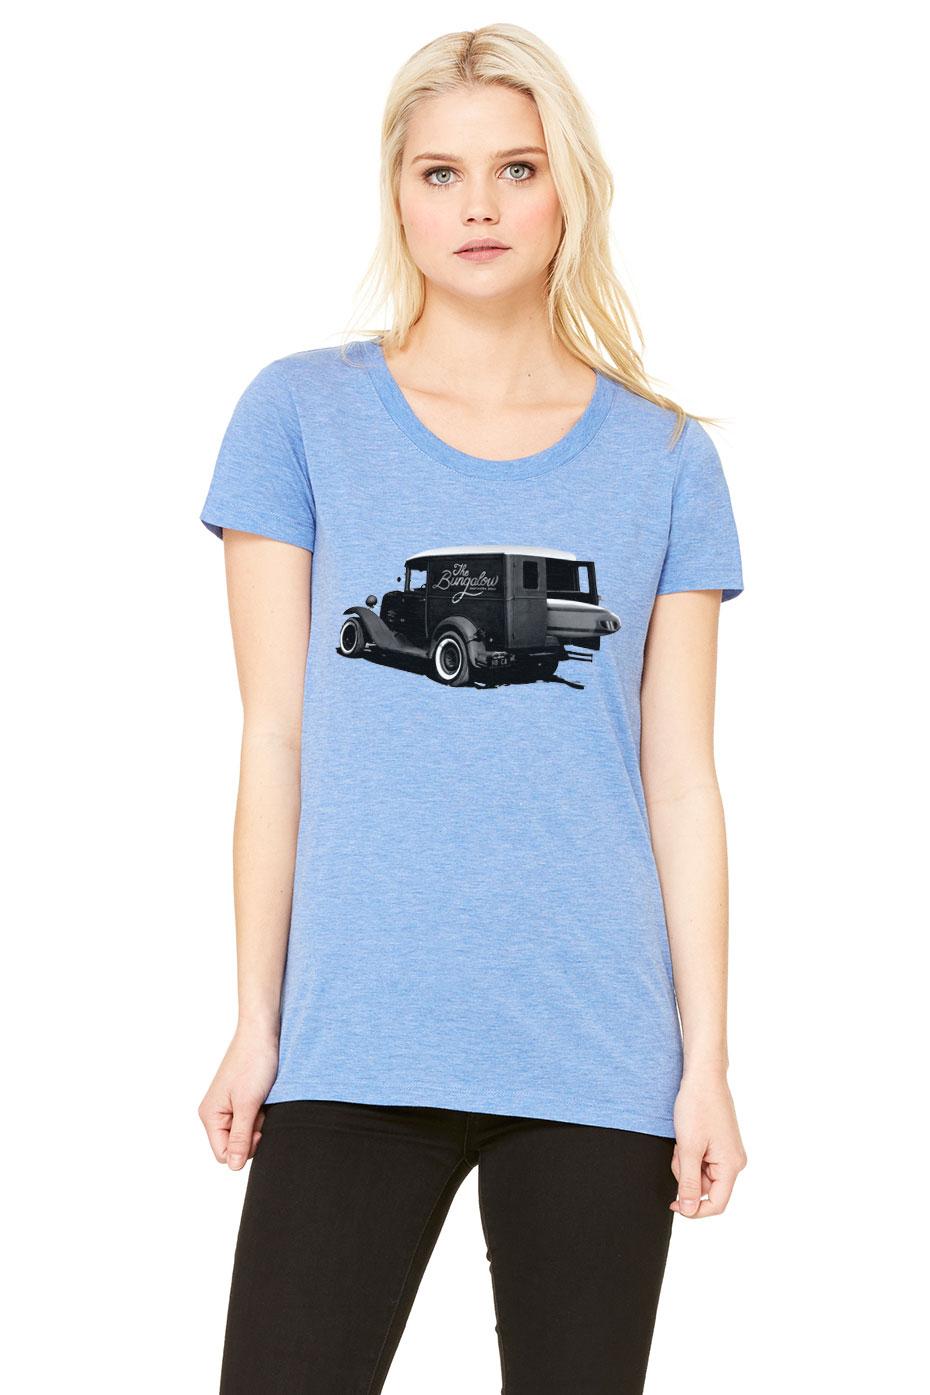 BEACH CAR BLUE TRIBLEND